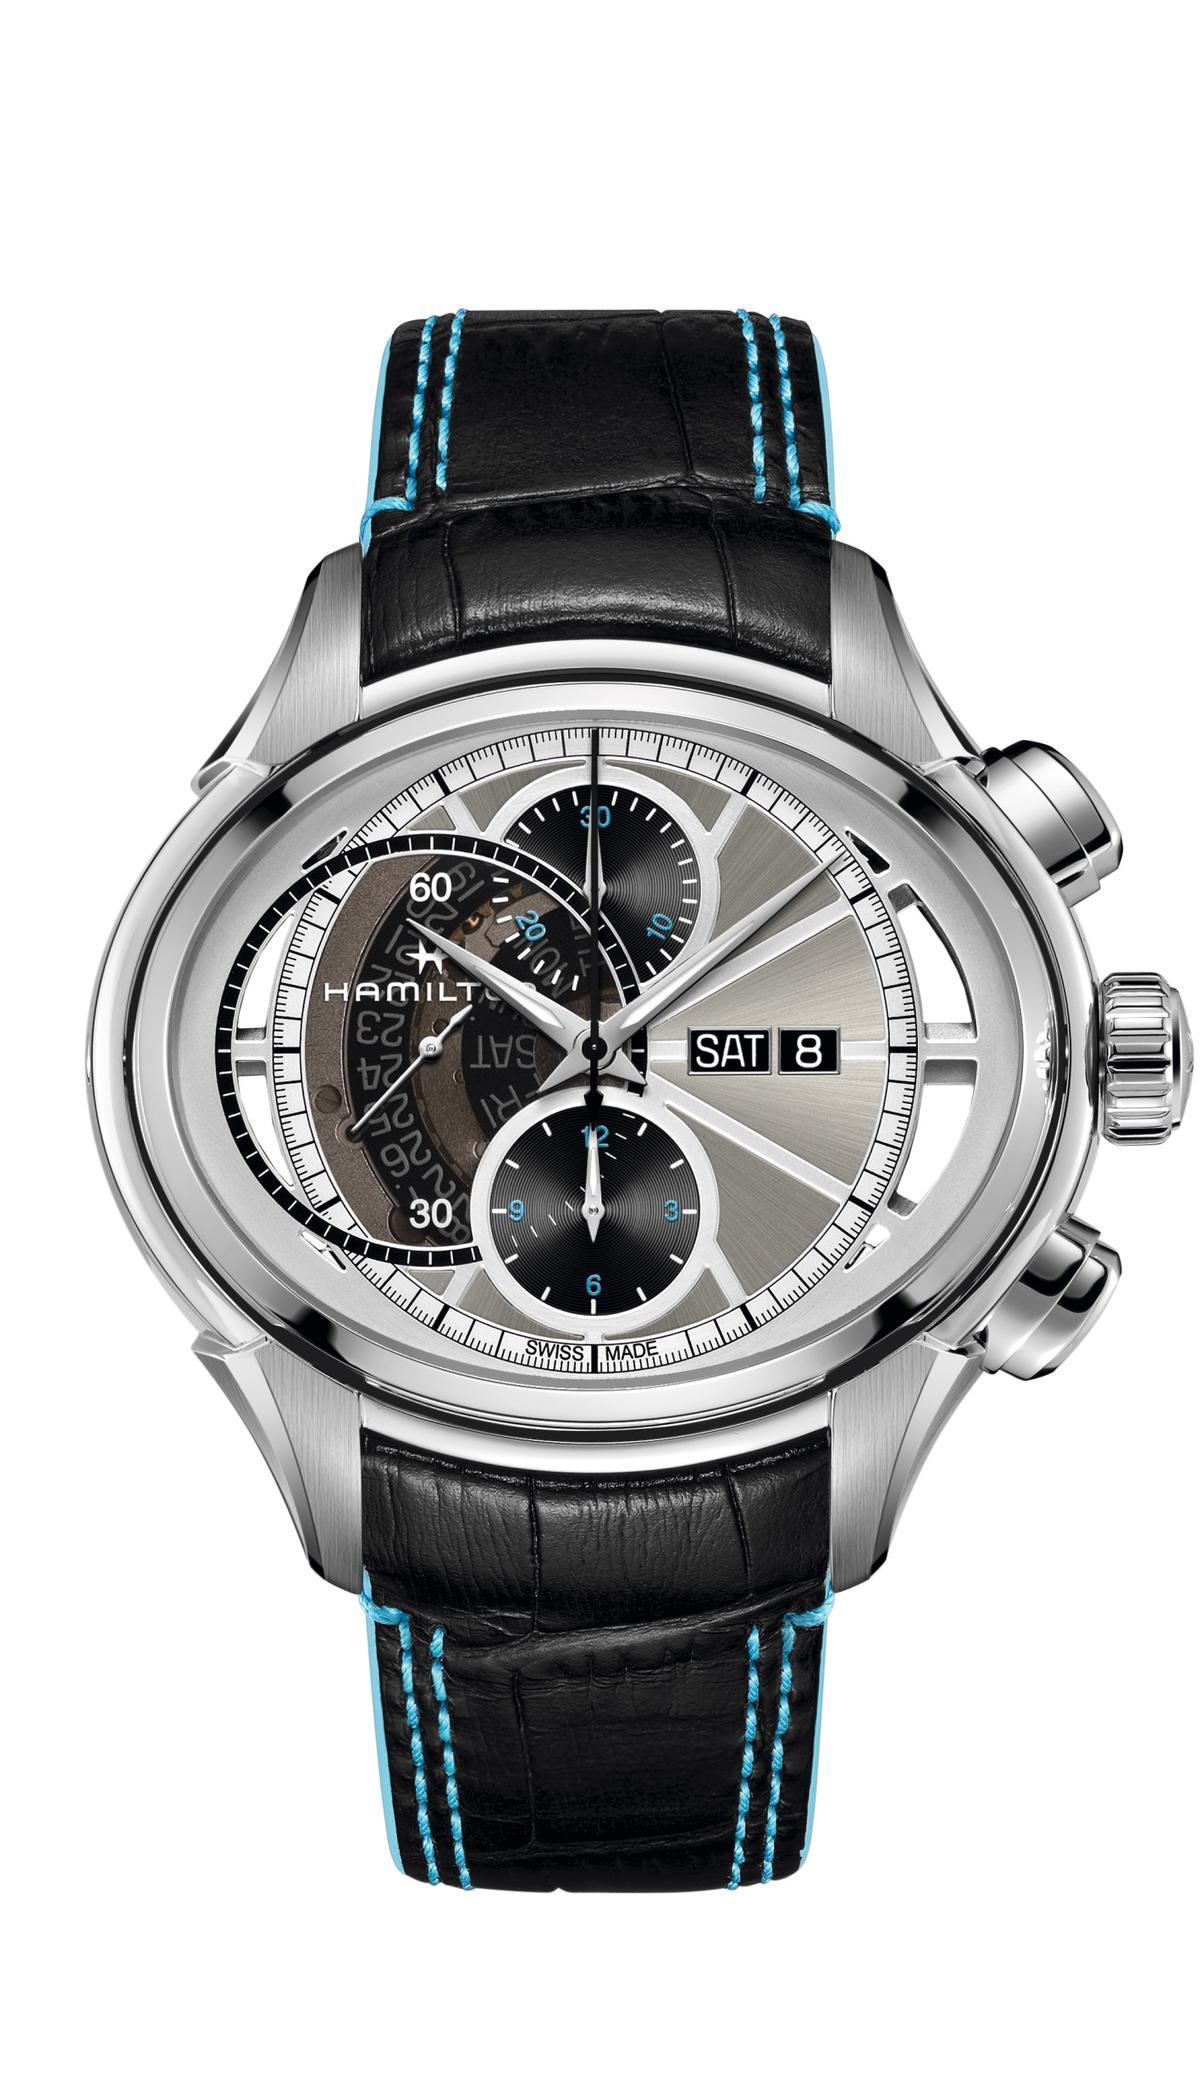 裝配以Valjoux 7750改造而成的H-41槓桿凸輪離合機制自動上鍊機芯之HAMILTON Jazzmaster Face 2 Face II雙面計時碼錶。不鏽鋼材質/尺寸53×44mm/時、分、秒指示/日期、星期顯示/雙面計時碼錶功能/藍寶石水晶錶鏡/防水50米/限量1,999只/建議售價:NT$ 126,600